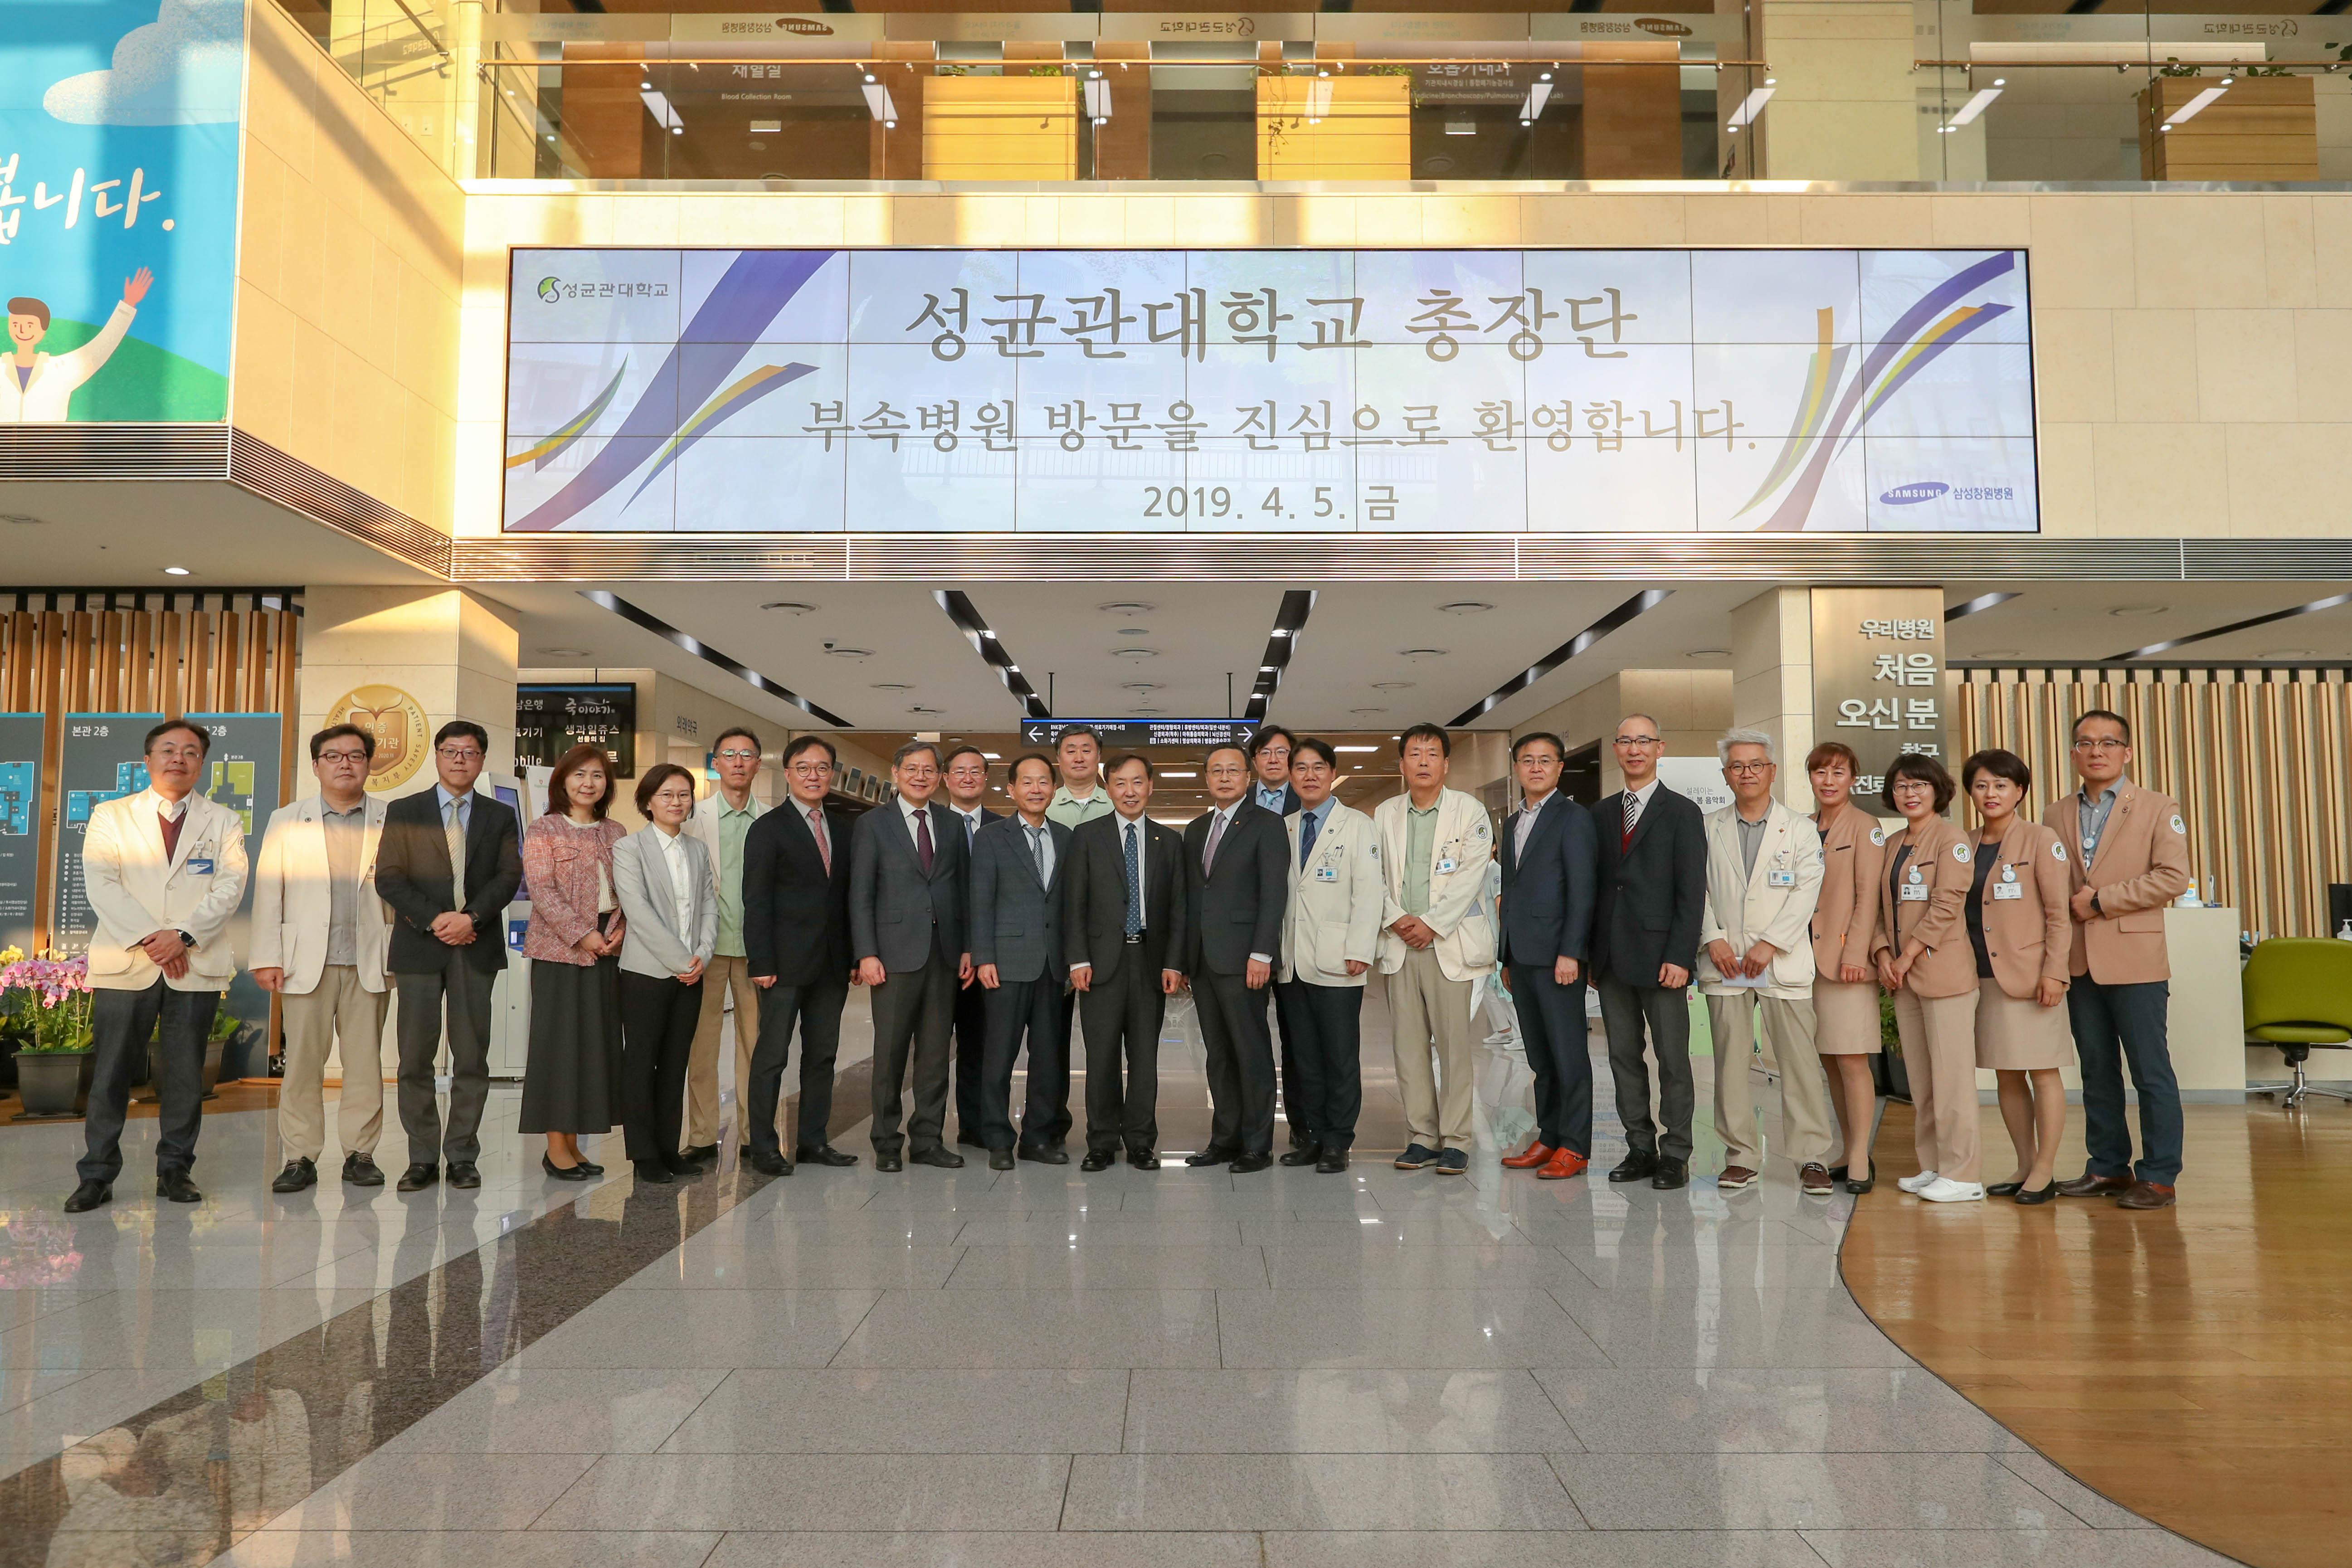 2019학년도 삼성창원병원 전체교수회의